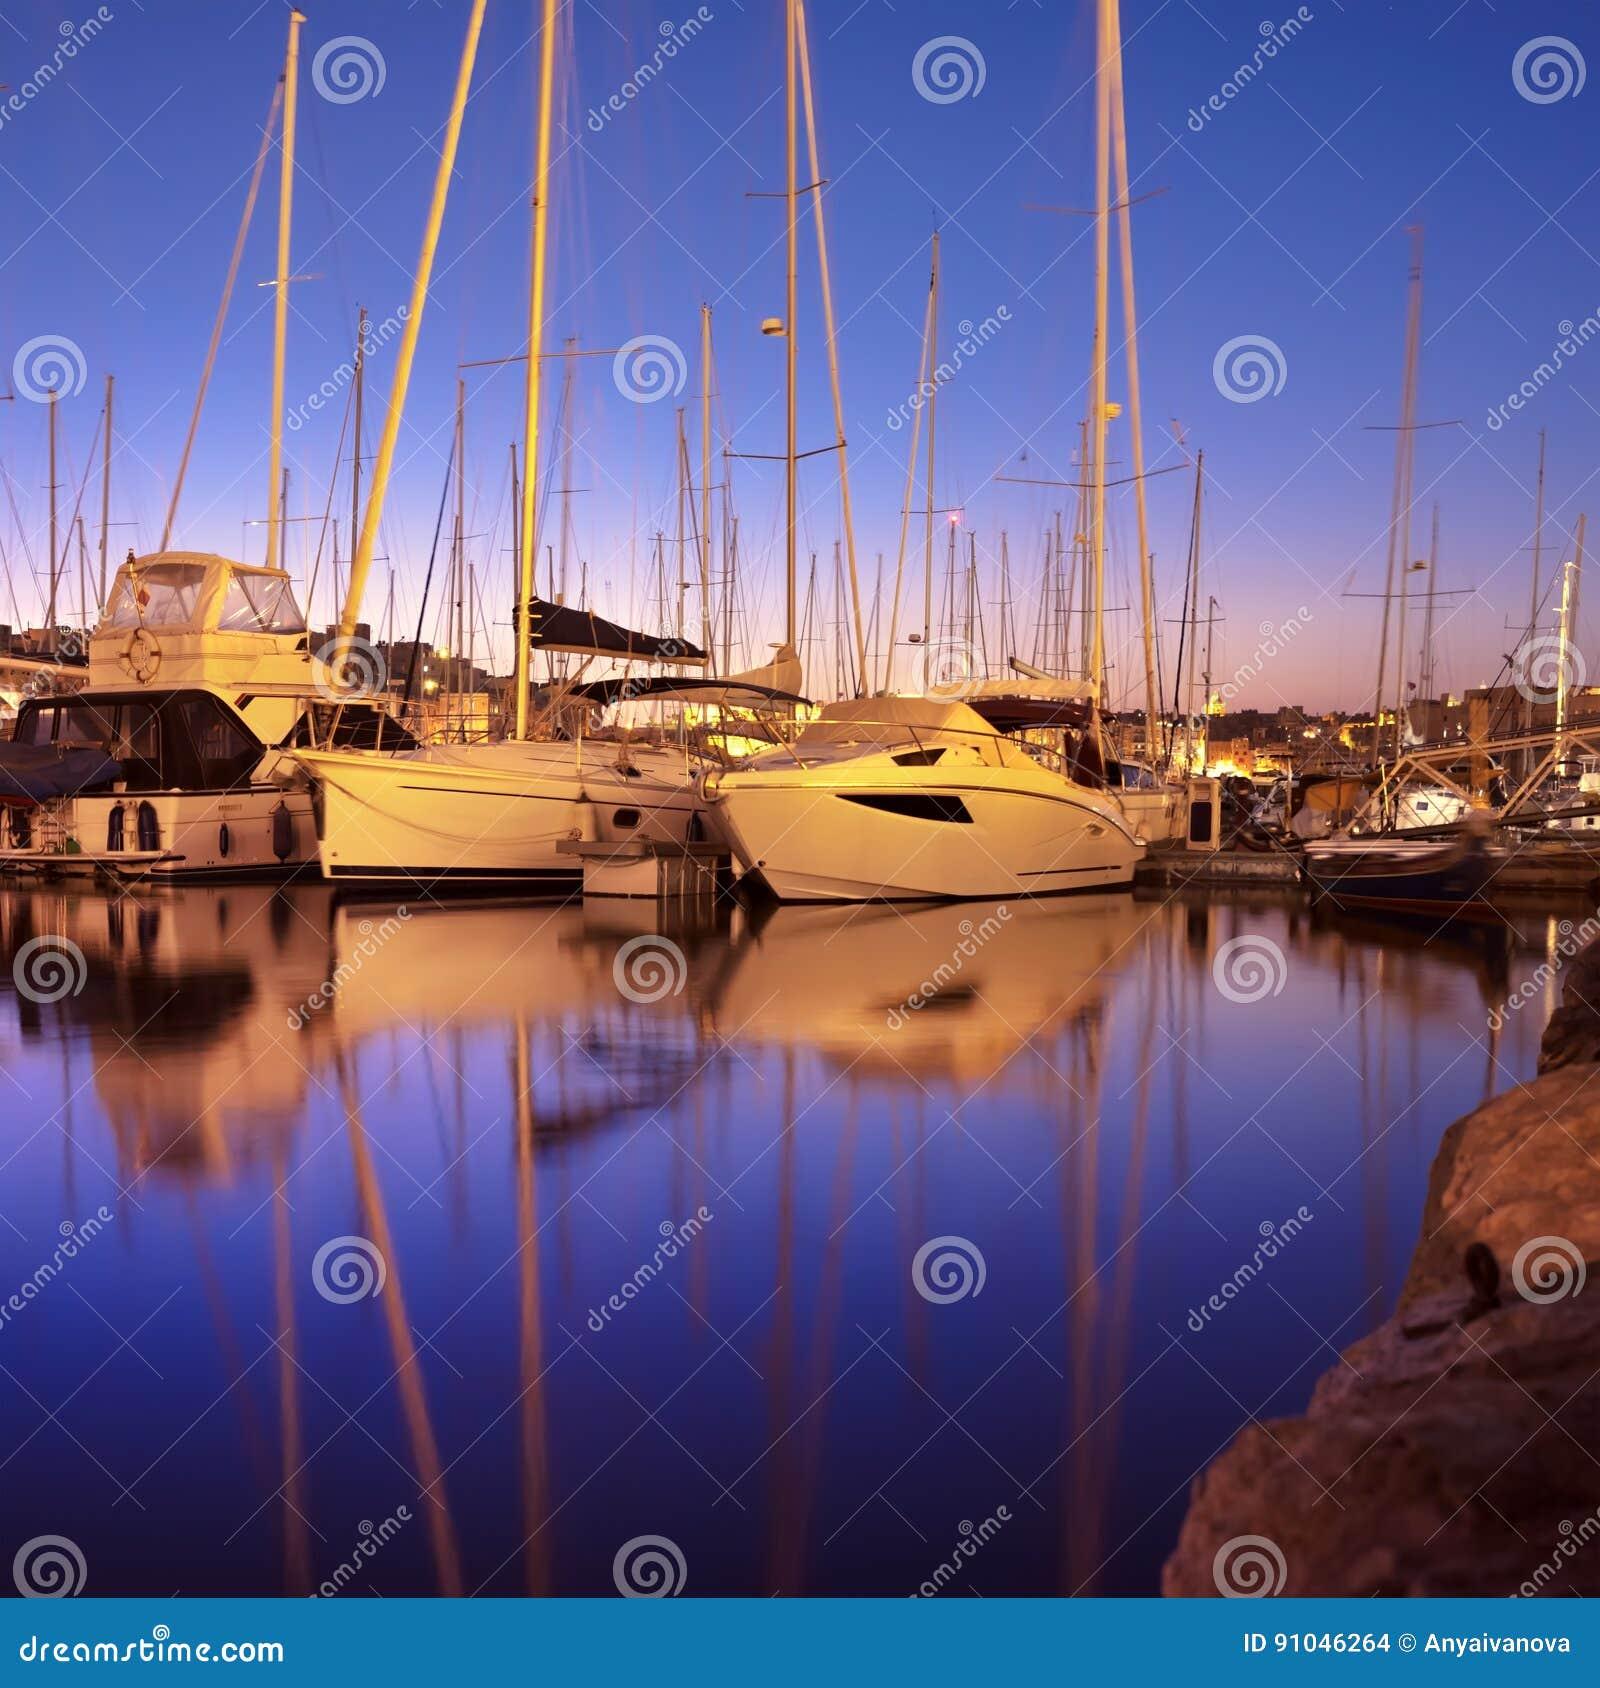 Панорама с парусниками на Марине Senglea в грандиозном заливе, слуге